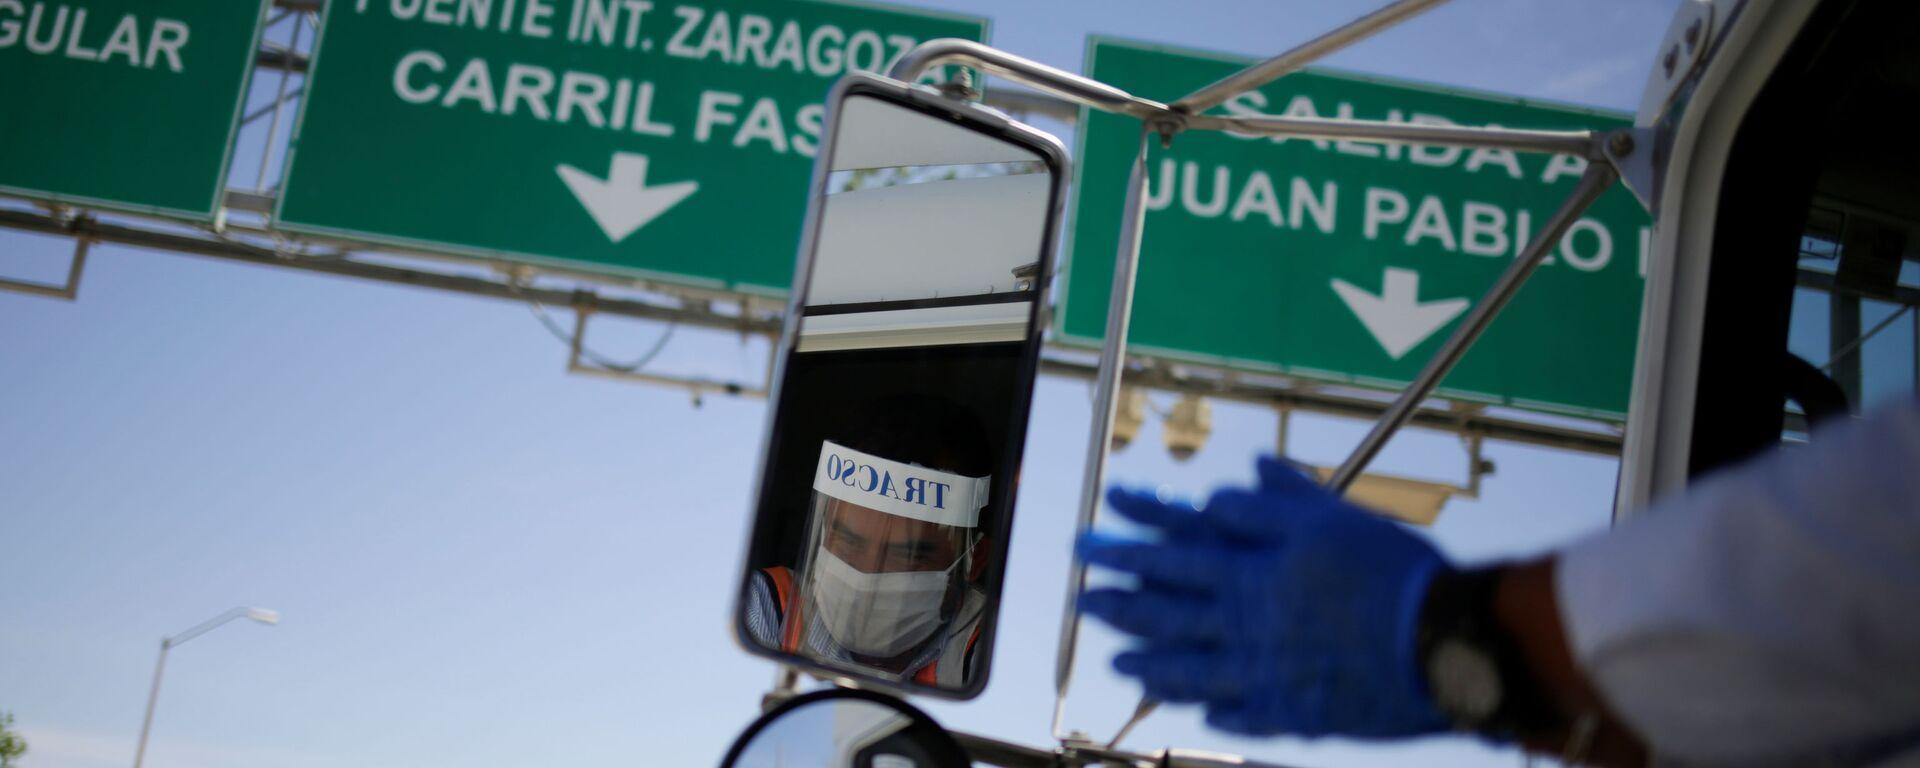 Un camión de carga pasa la zona fronteriza entre México y EEUU - Sputnik Mundo, 1920, 05.05.2020